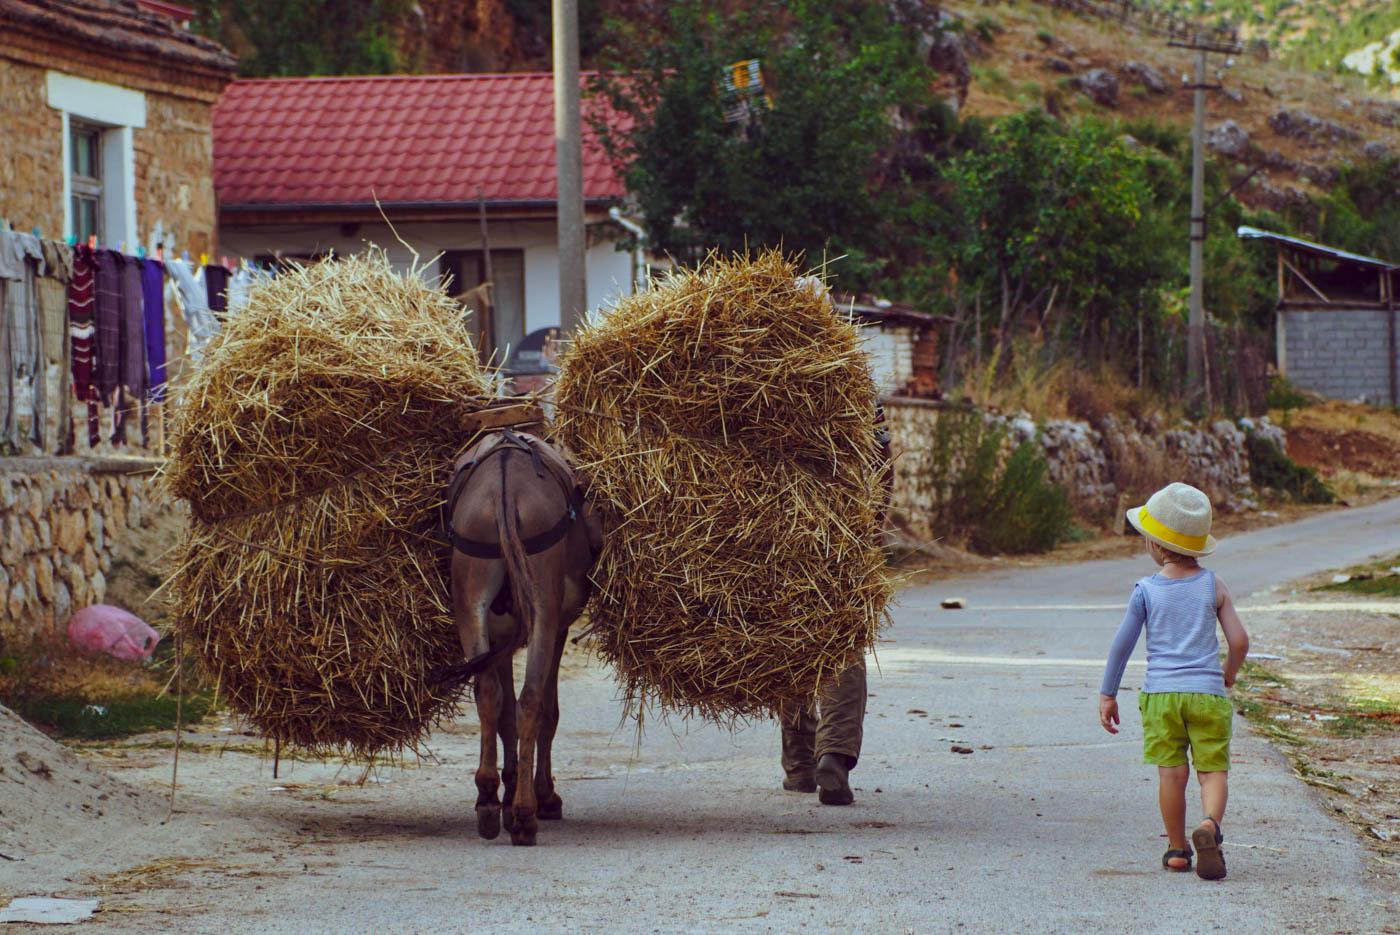 Zu sehen ist wie ein Esel schwer mit Heu beladen durch die Straßen eines kleinen Dorfes läuft. Luk läuft neben ihm her.